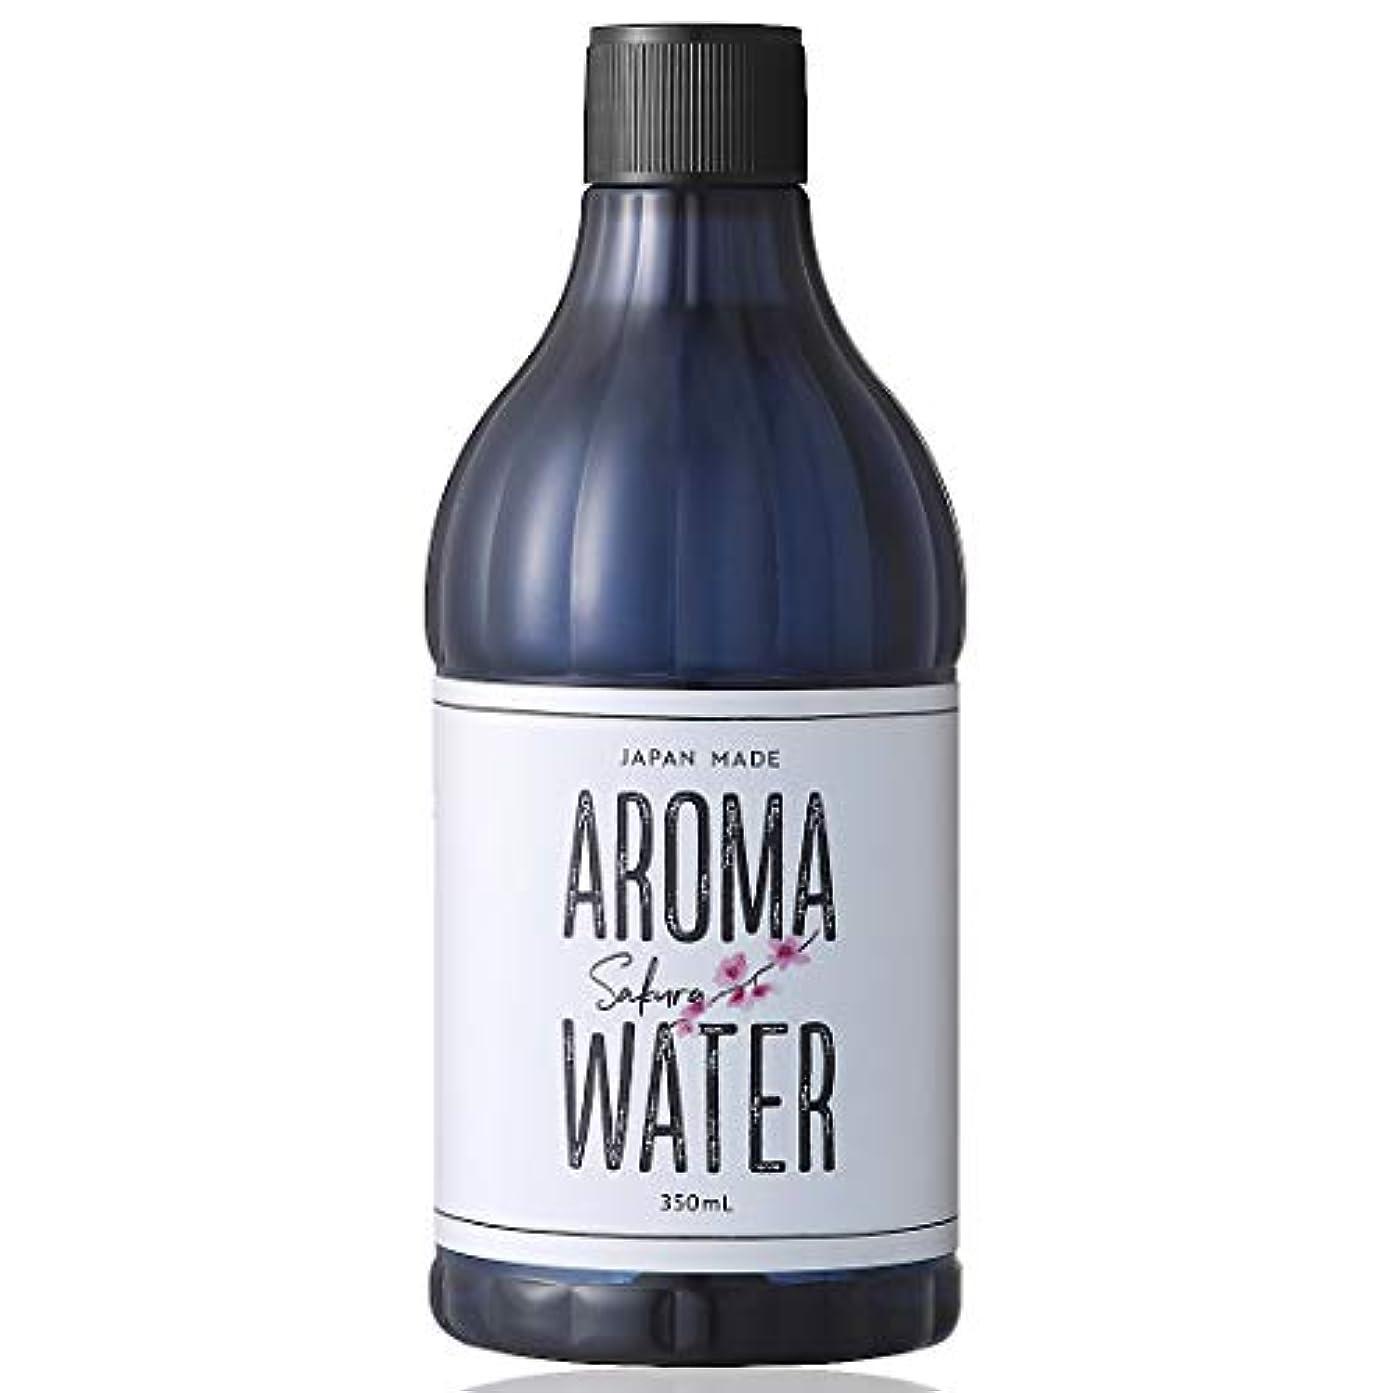 日の出無声で密輸デイリーアロマジャパン アロマウォーター 加湿器用 350ml 日本製 水溶性アロマ - サクラ